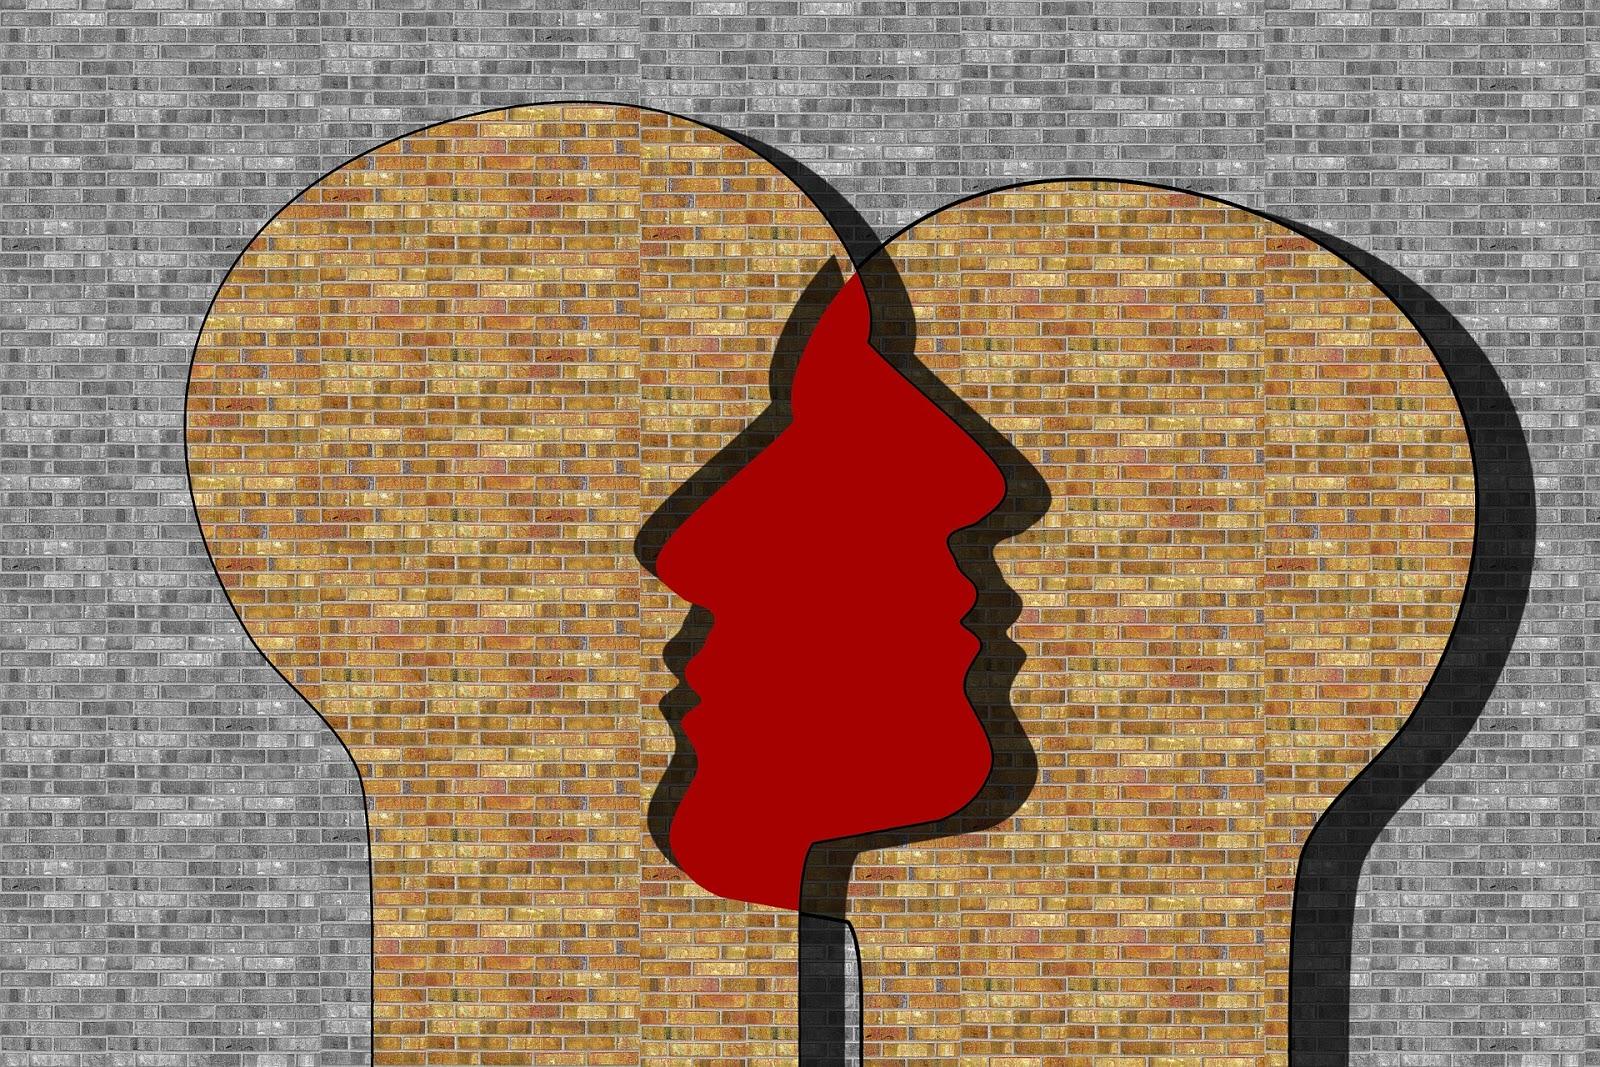 PSICOLOGÍA FORENSE. Estudio de la mente criminal (Libro)